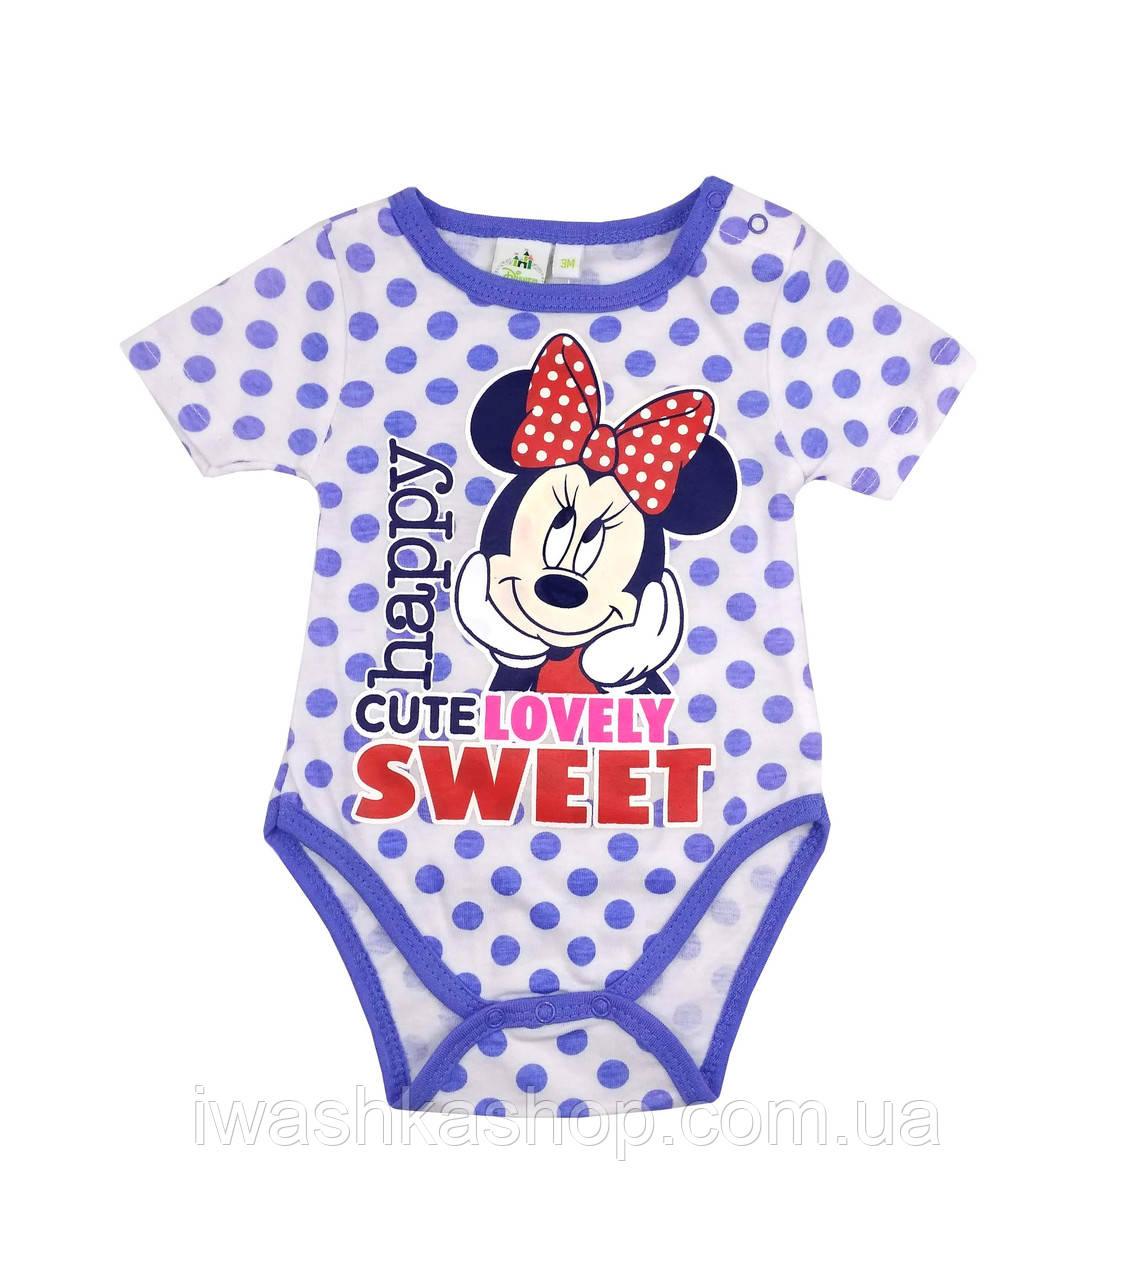 Белое боди в горох, с коротким рукавом на девочек 18 месяцев, р. 81, Disney baby